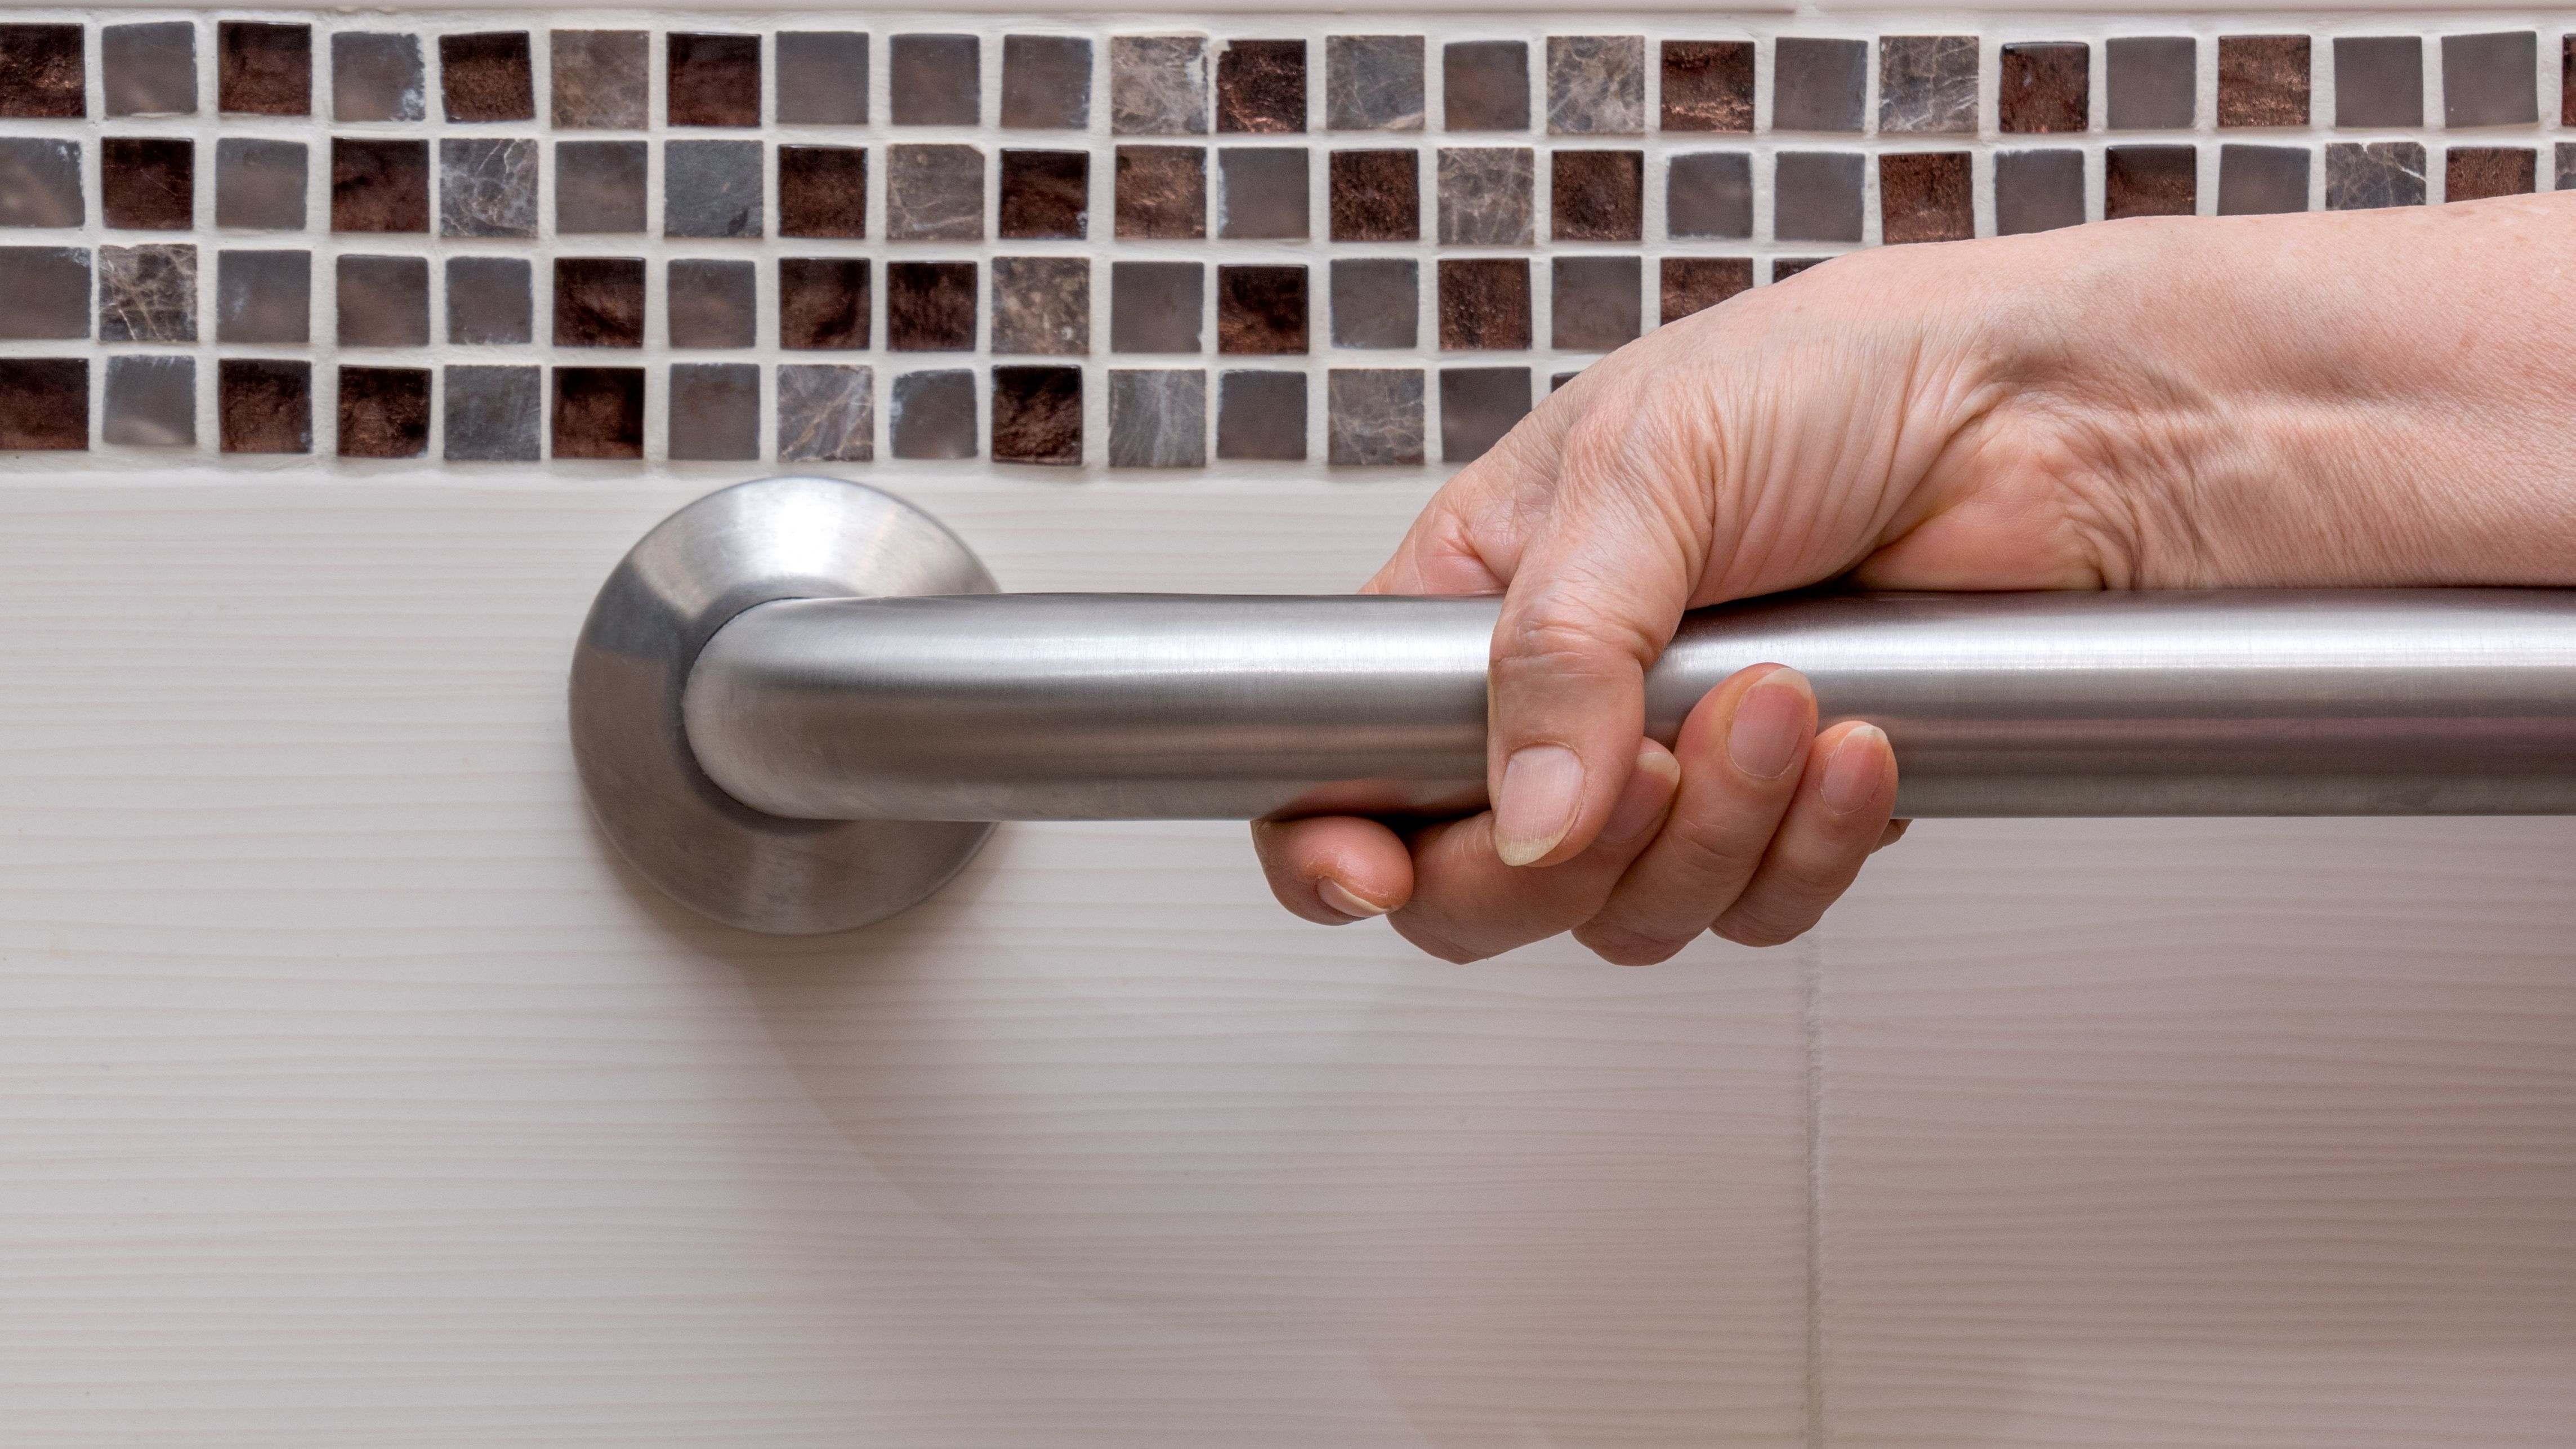 Bad-Antirutschmatte, Duschsitz und Haltestange: So treffen Sie Ihre Wahl